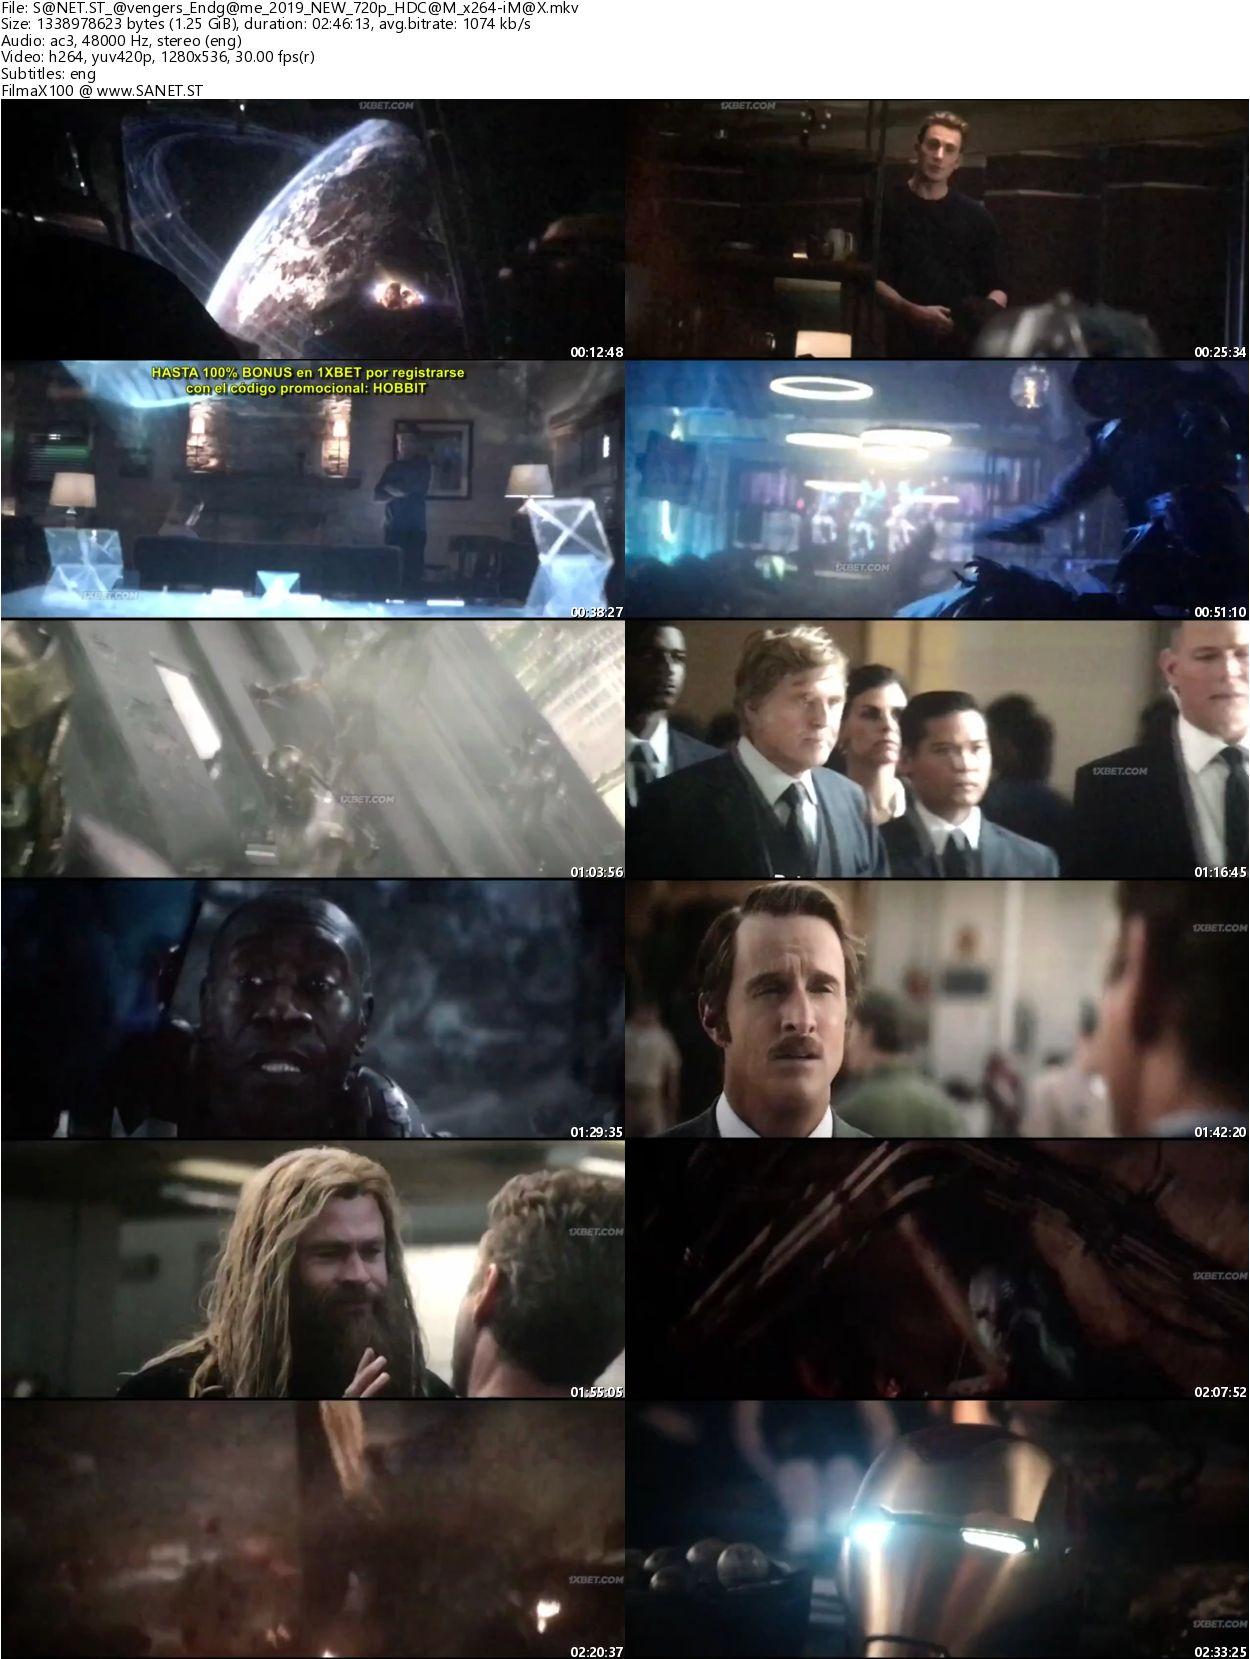 avengers endgame 2019 full movie free download hdcam